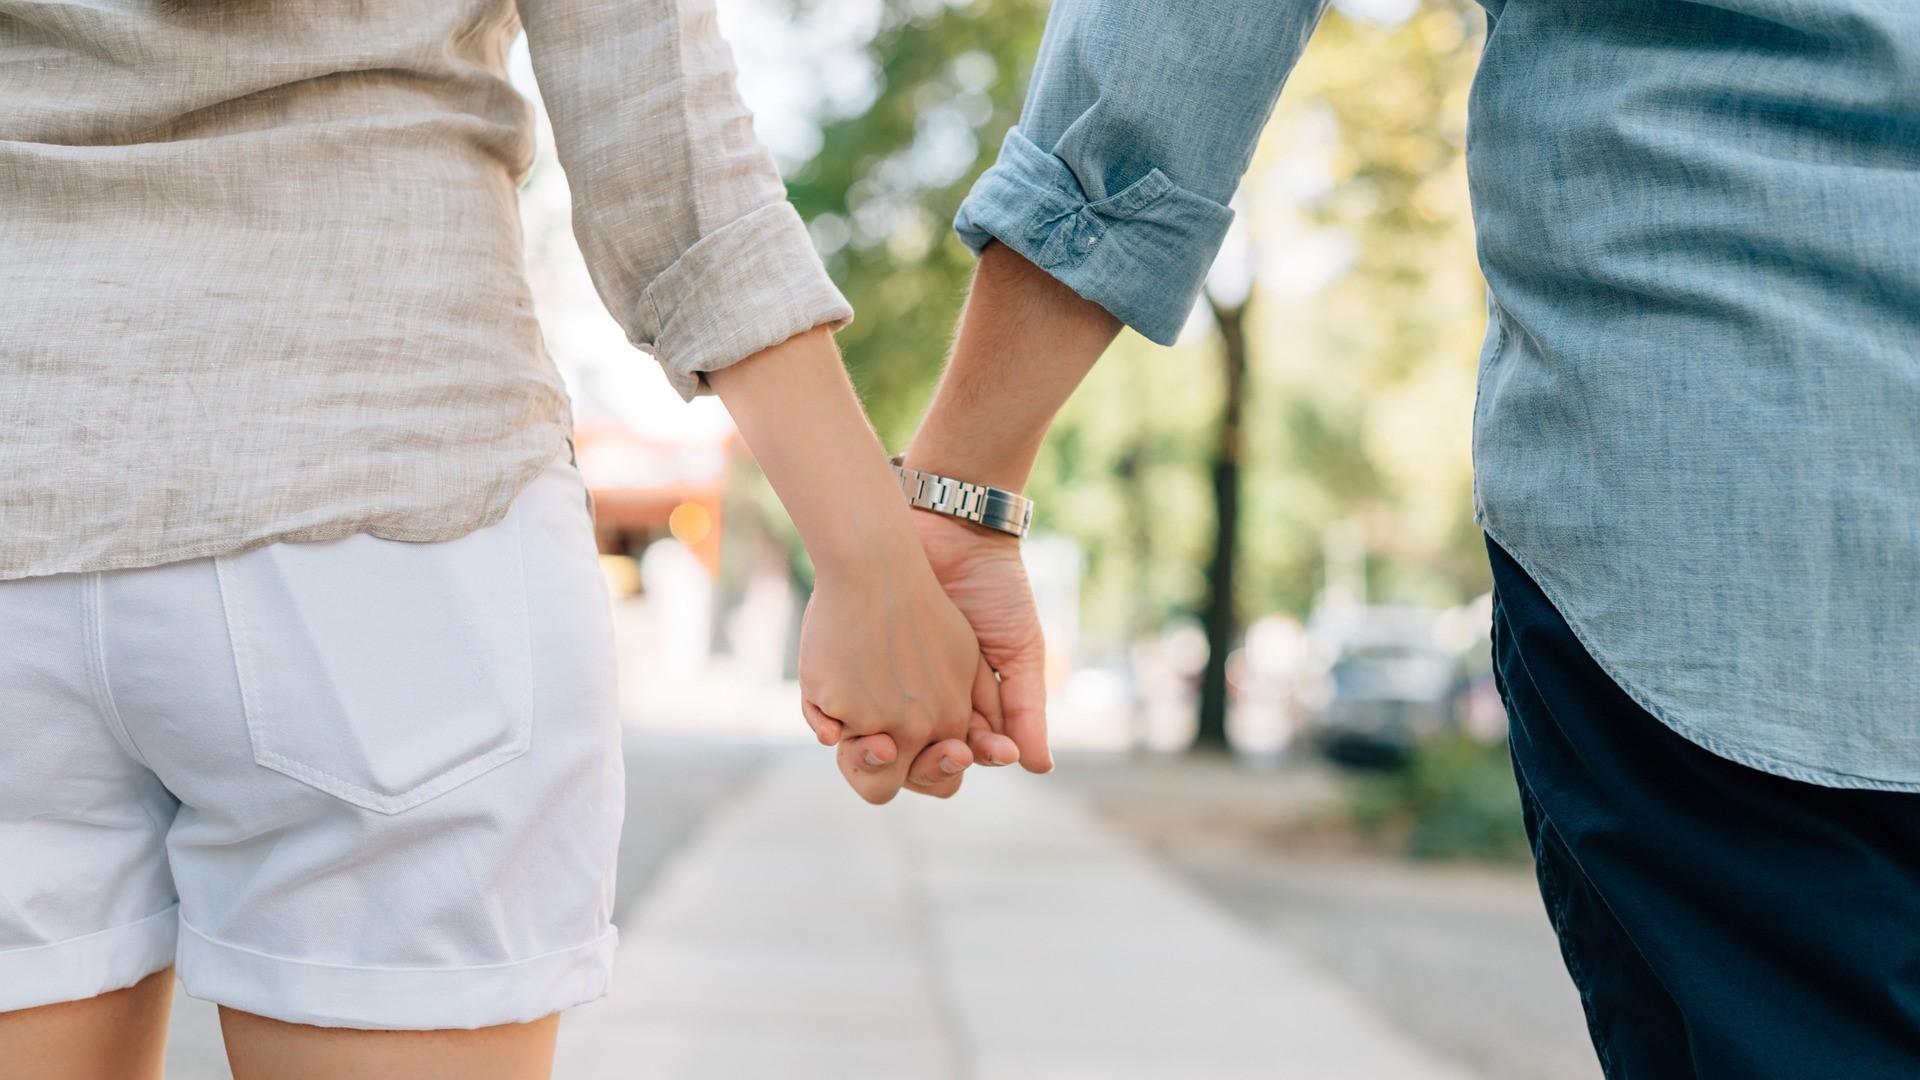 Тактильный контакт облегчил боль и синхронизировал активность мозга у пар